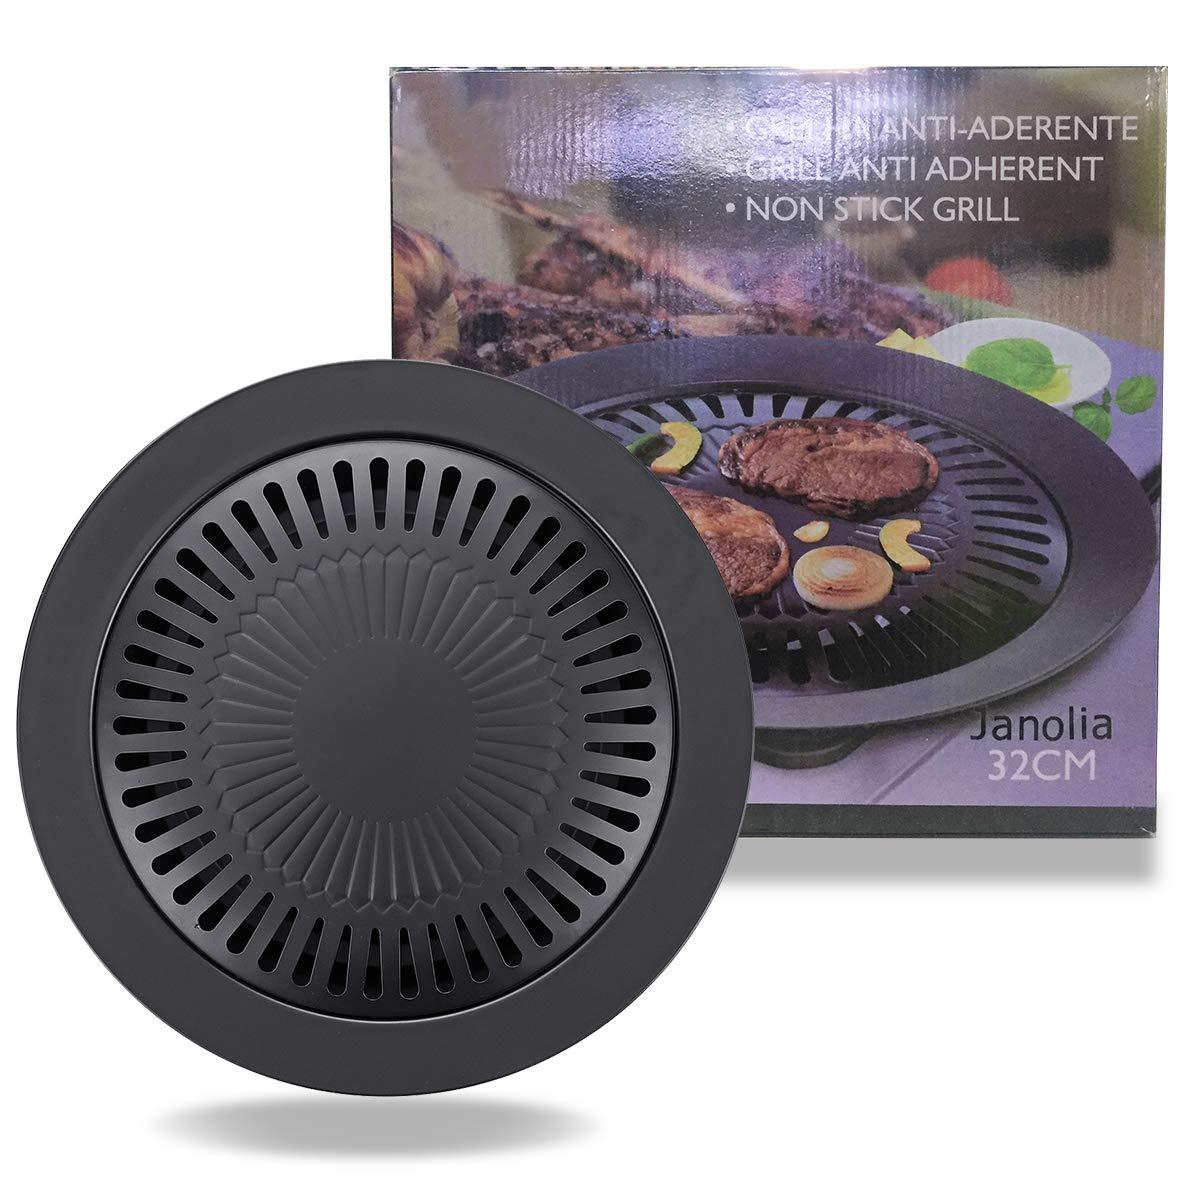 Janolia Korean Stovetop Stainless Steel Non-Stick Smokeless Roasting Round Pan